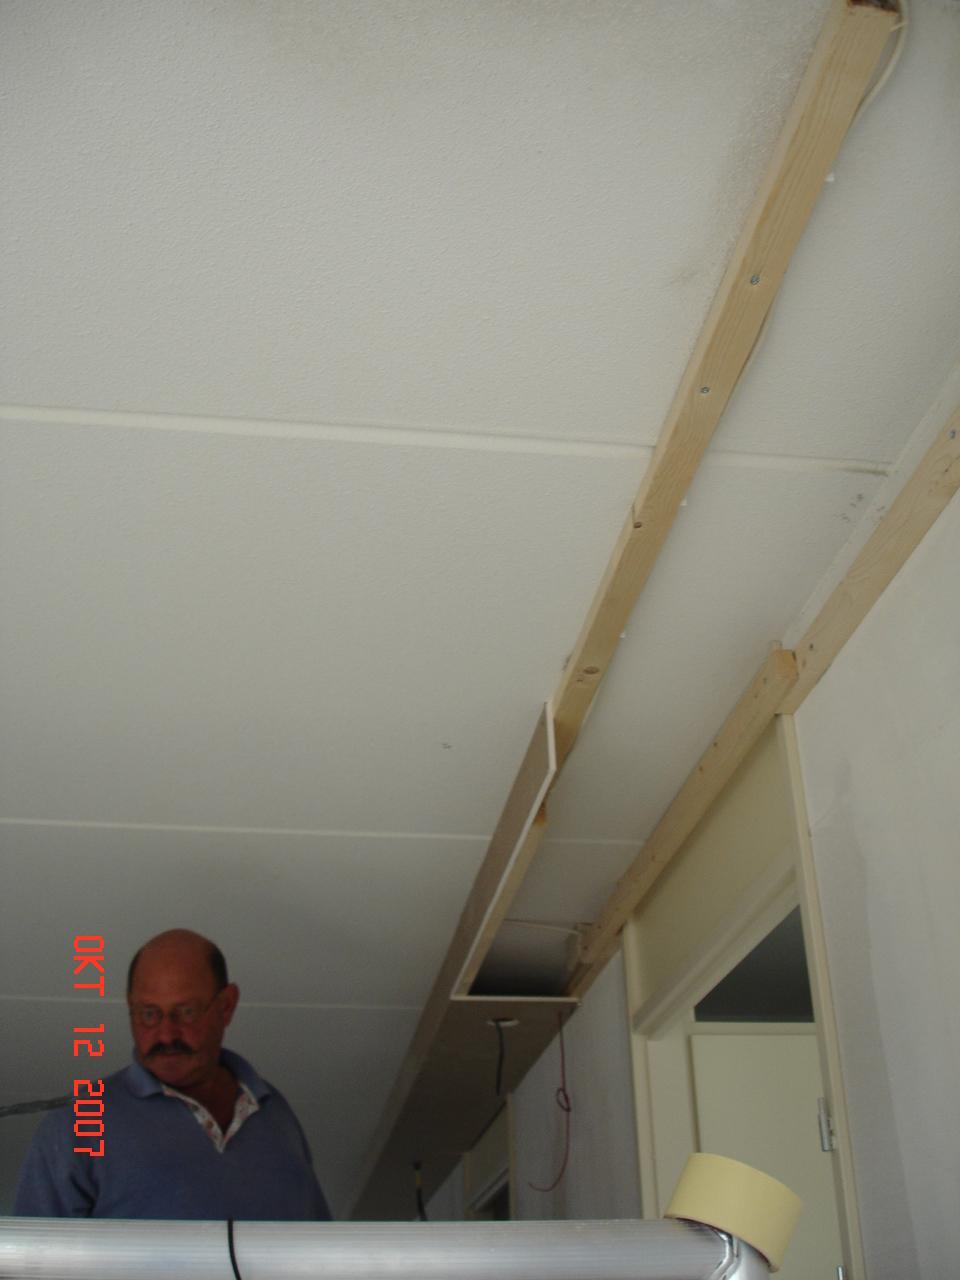 Koof Keuken Schilderen : Dakkapel Plaatsen Afwerken Binnenkant Pictures